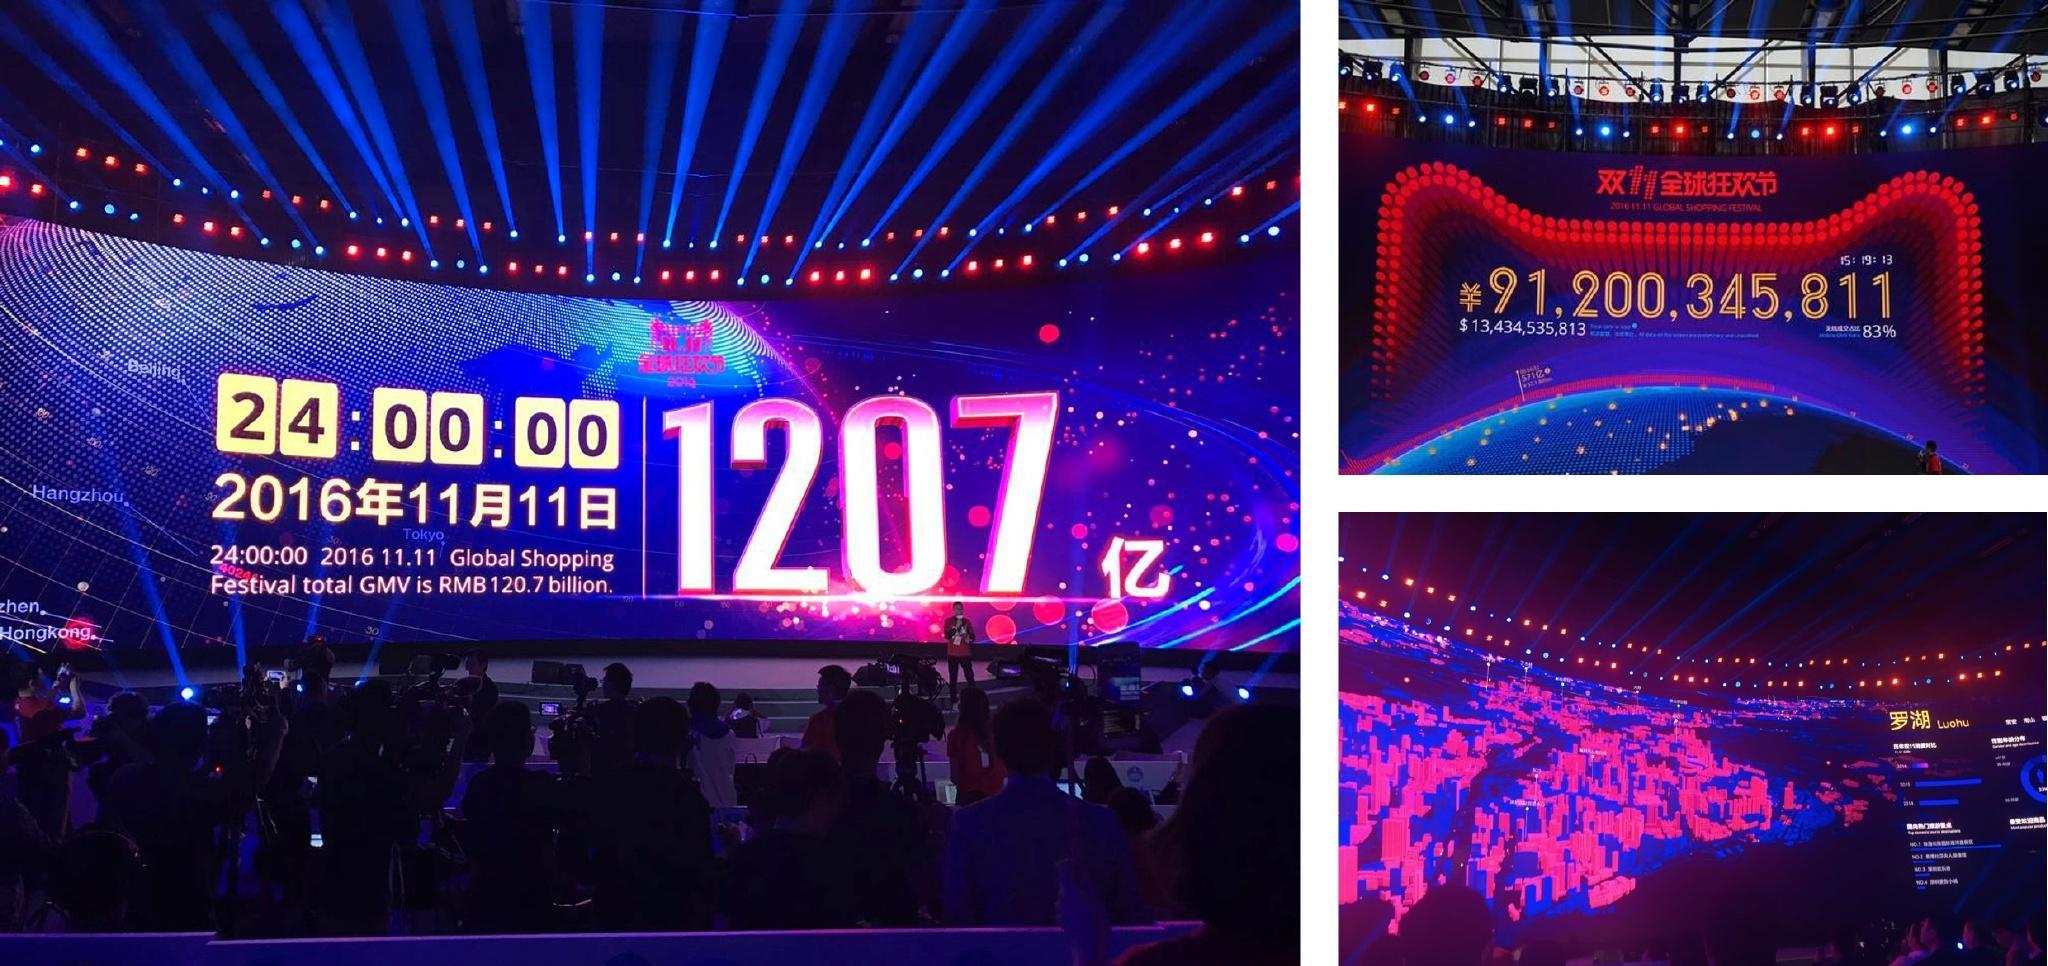 2016 双十一大屏图片